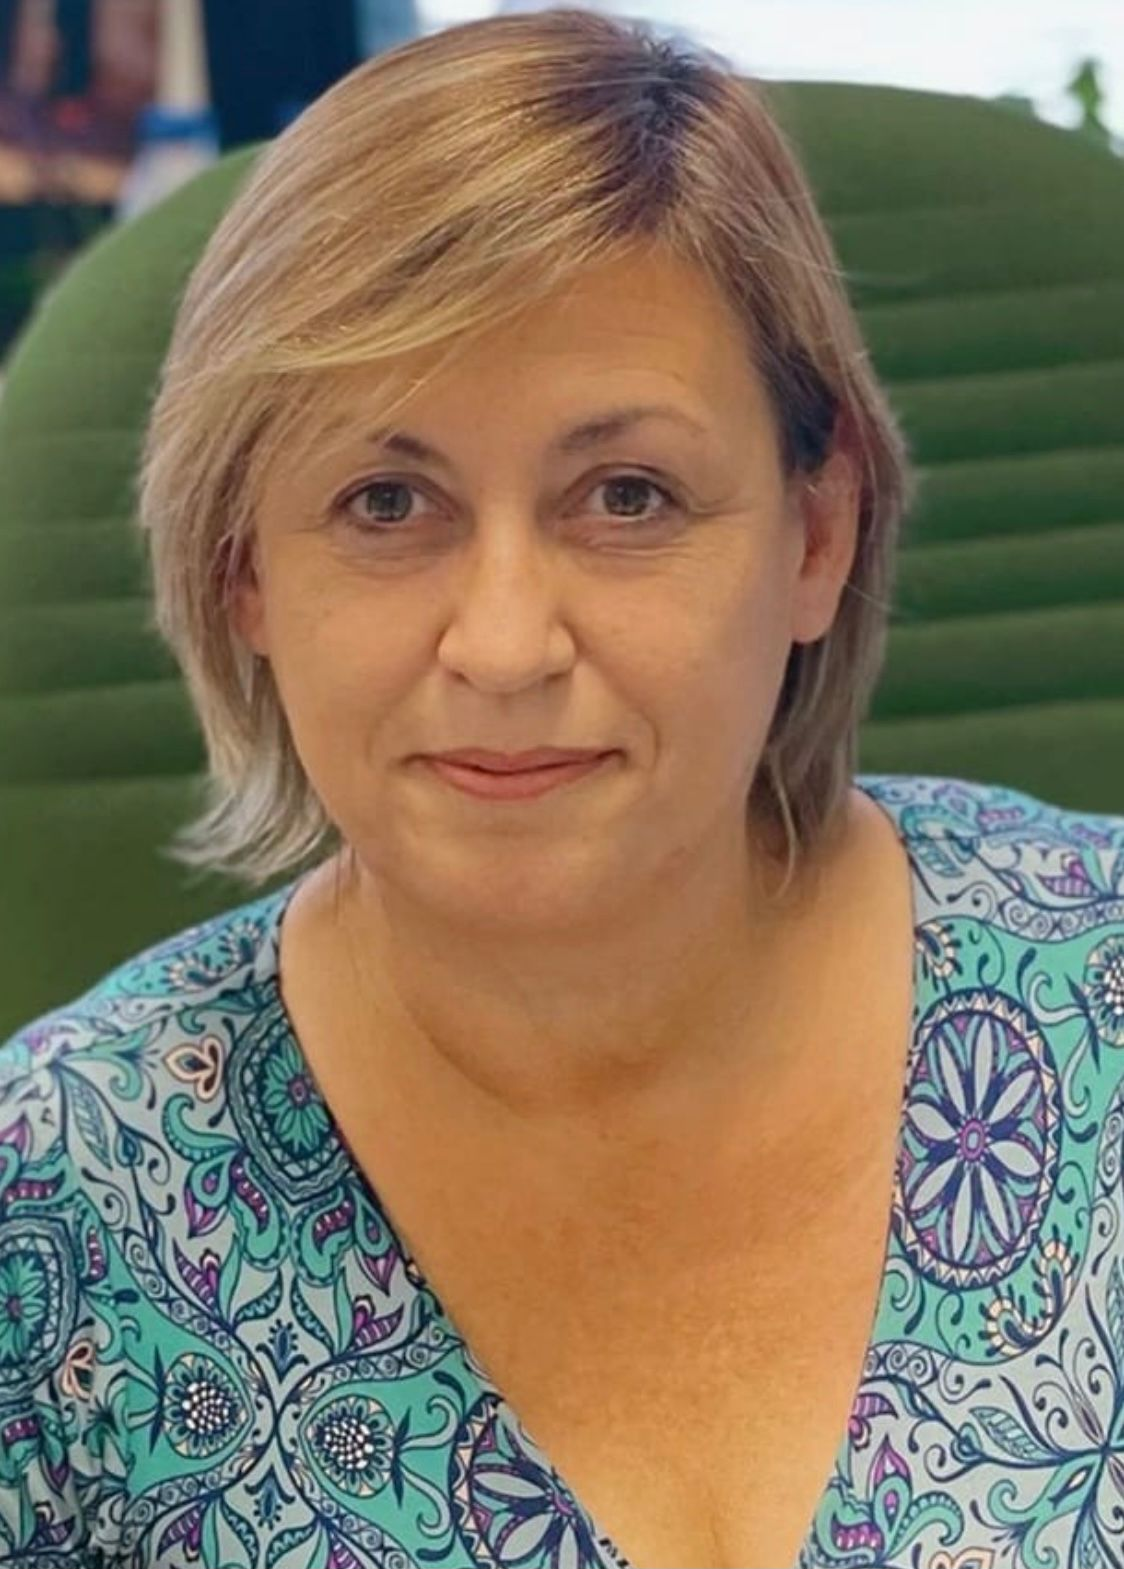 Imatge de la notícia: El grup municipal socialista proposarà Ana Alba com a alcaldessa de Sant Andreu de la Barca